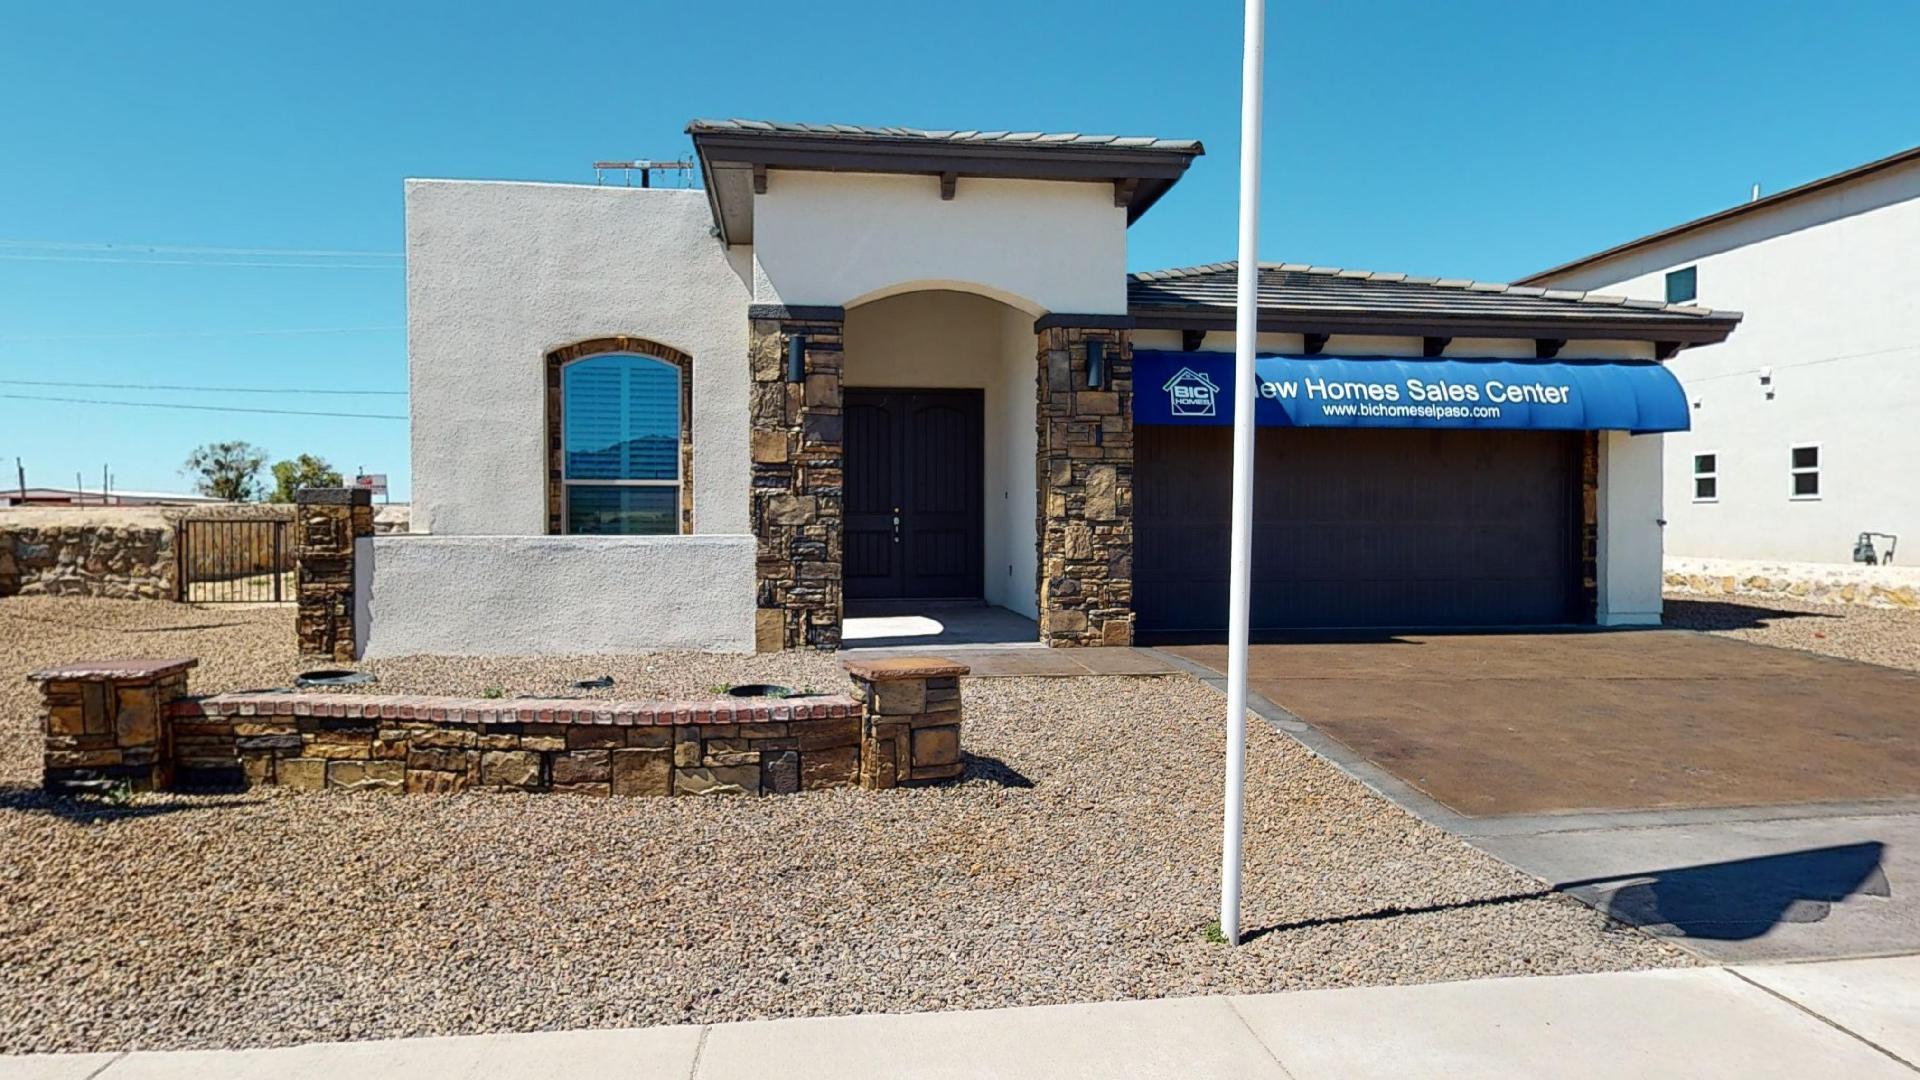 6229 Brazos River, El Paso, Texas 79932, 3 Bedrooms Bedrooms, ,3 BathroomsBathrooms,Residential,For sale,Brazos River,825083